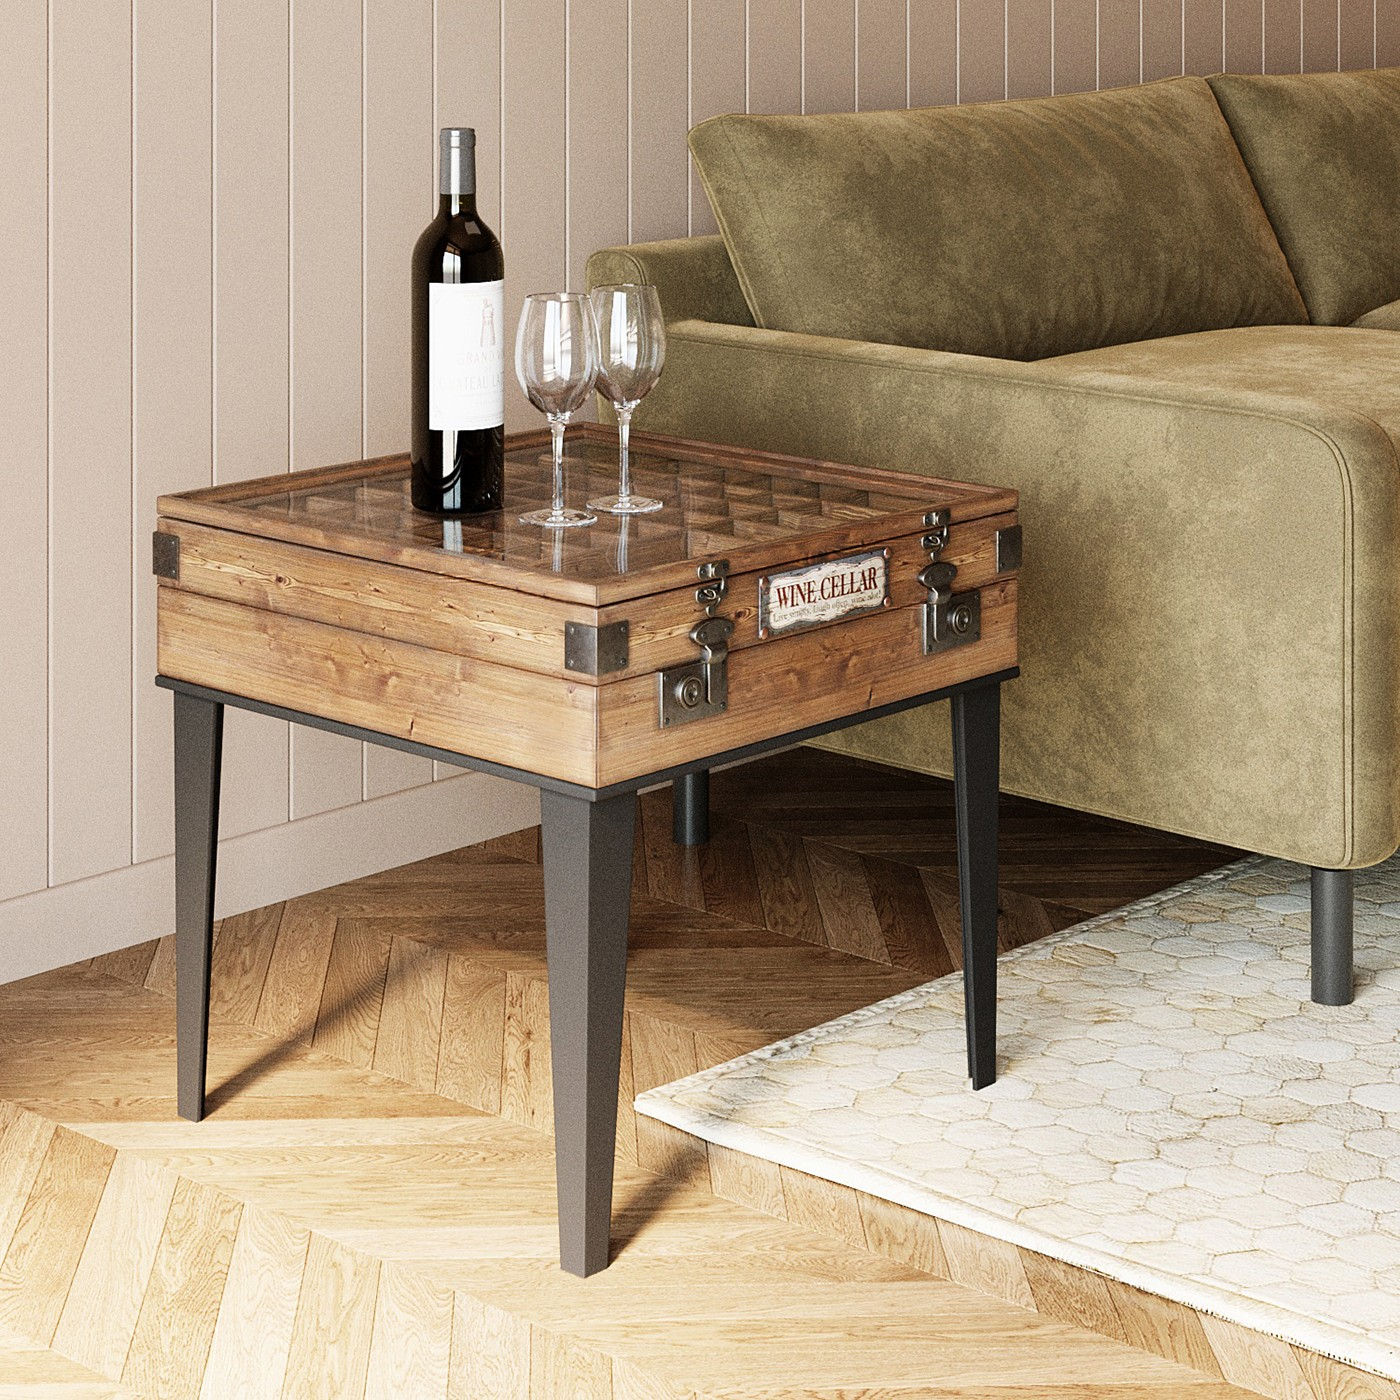 Table d'appoint carrée en sapin et acier